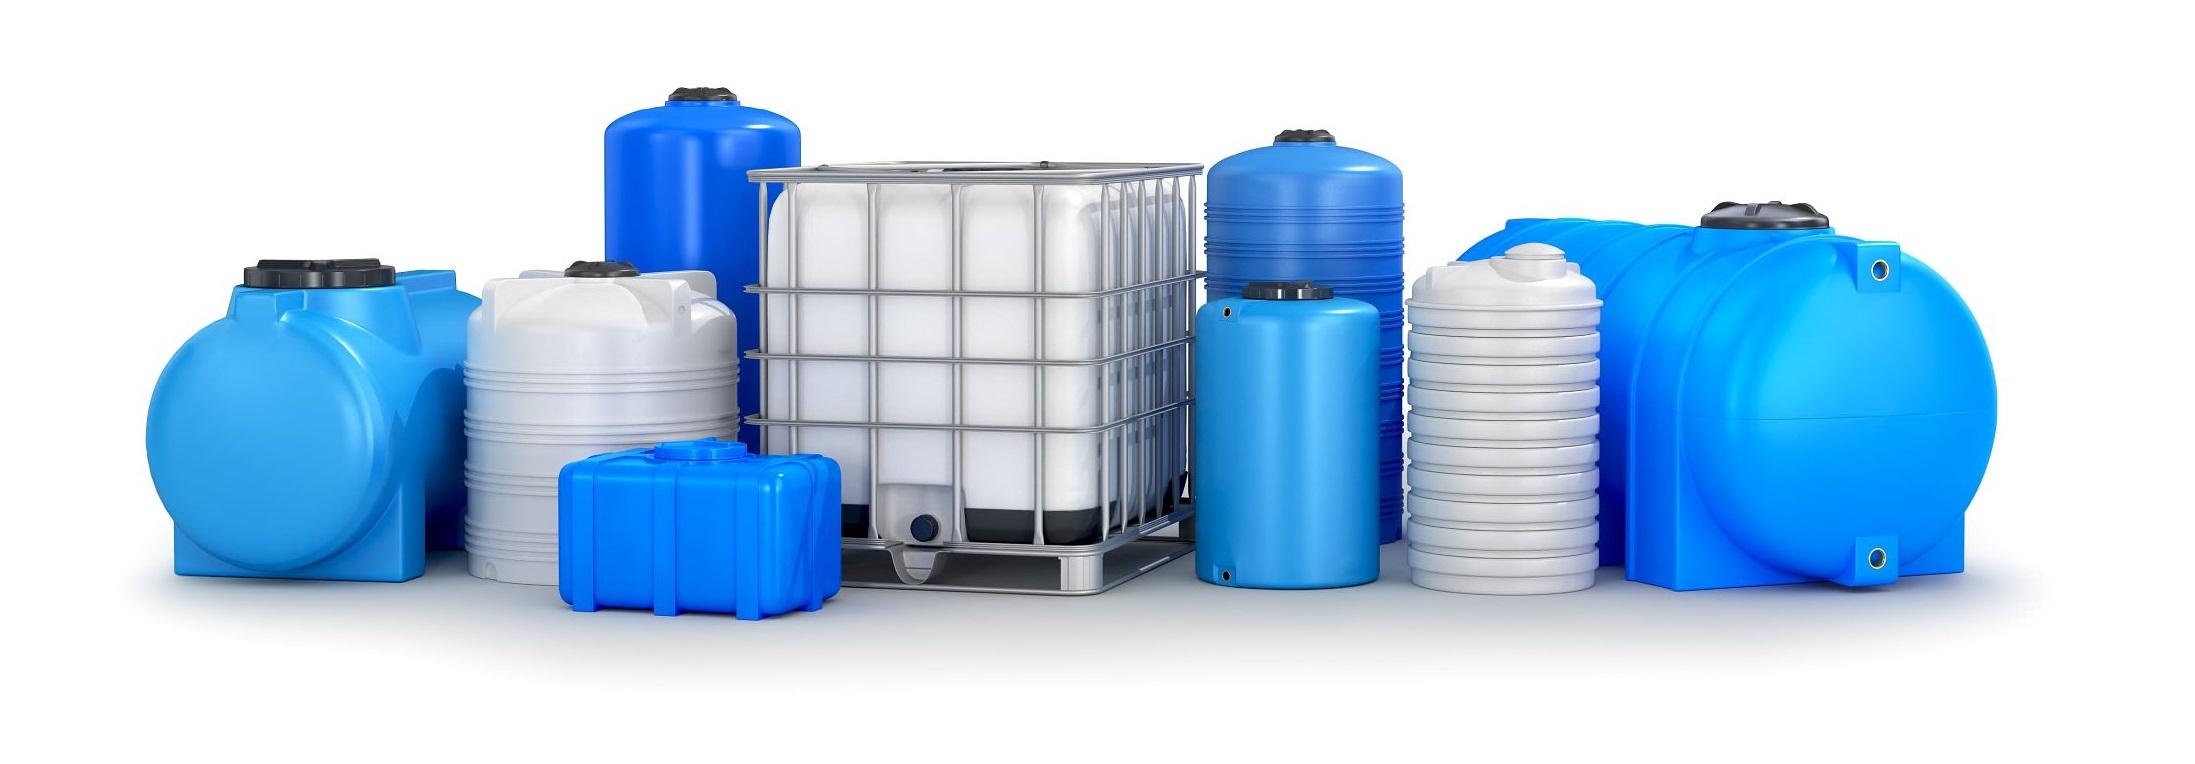 RFID et agroalimentaire : traçabilité de citernes pour produits liquides